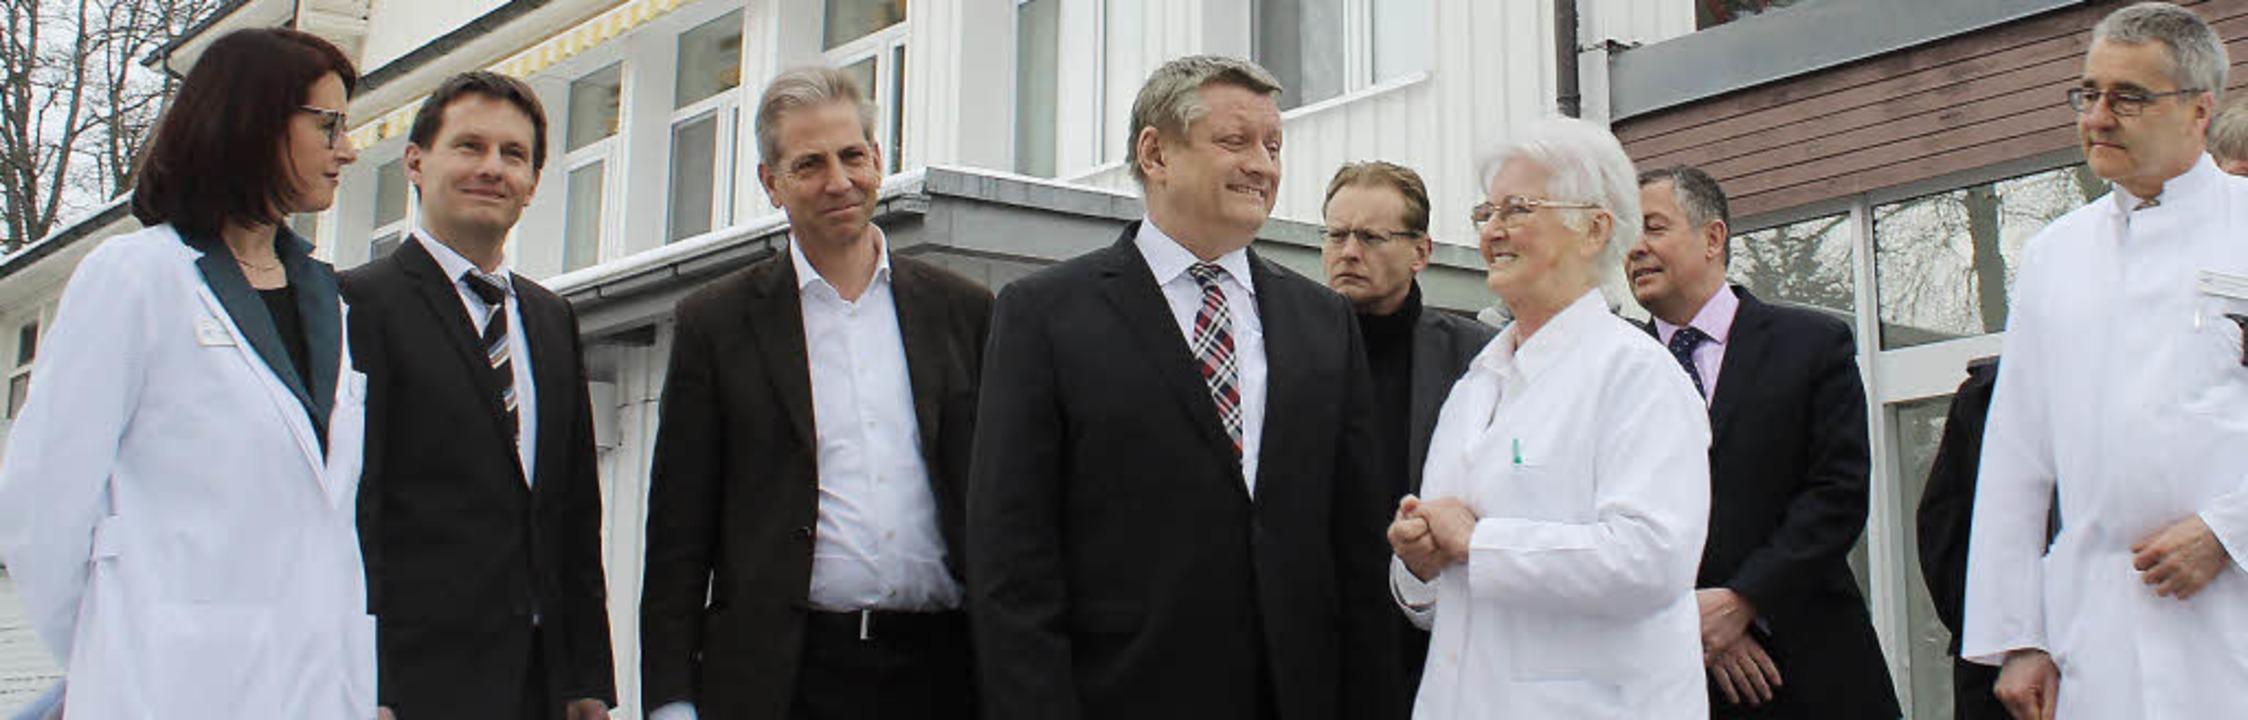 Zu Besuch bei der Földiklöinik war Bun...ste von links) führte dann Gast herum.  | Foto: Joachim Frommherz